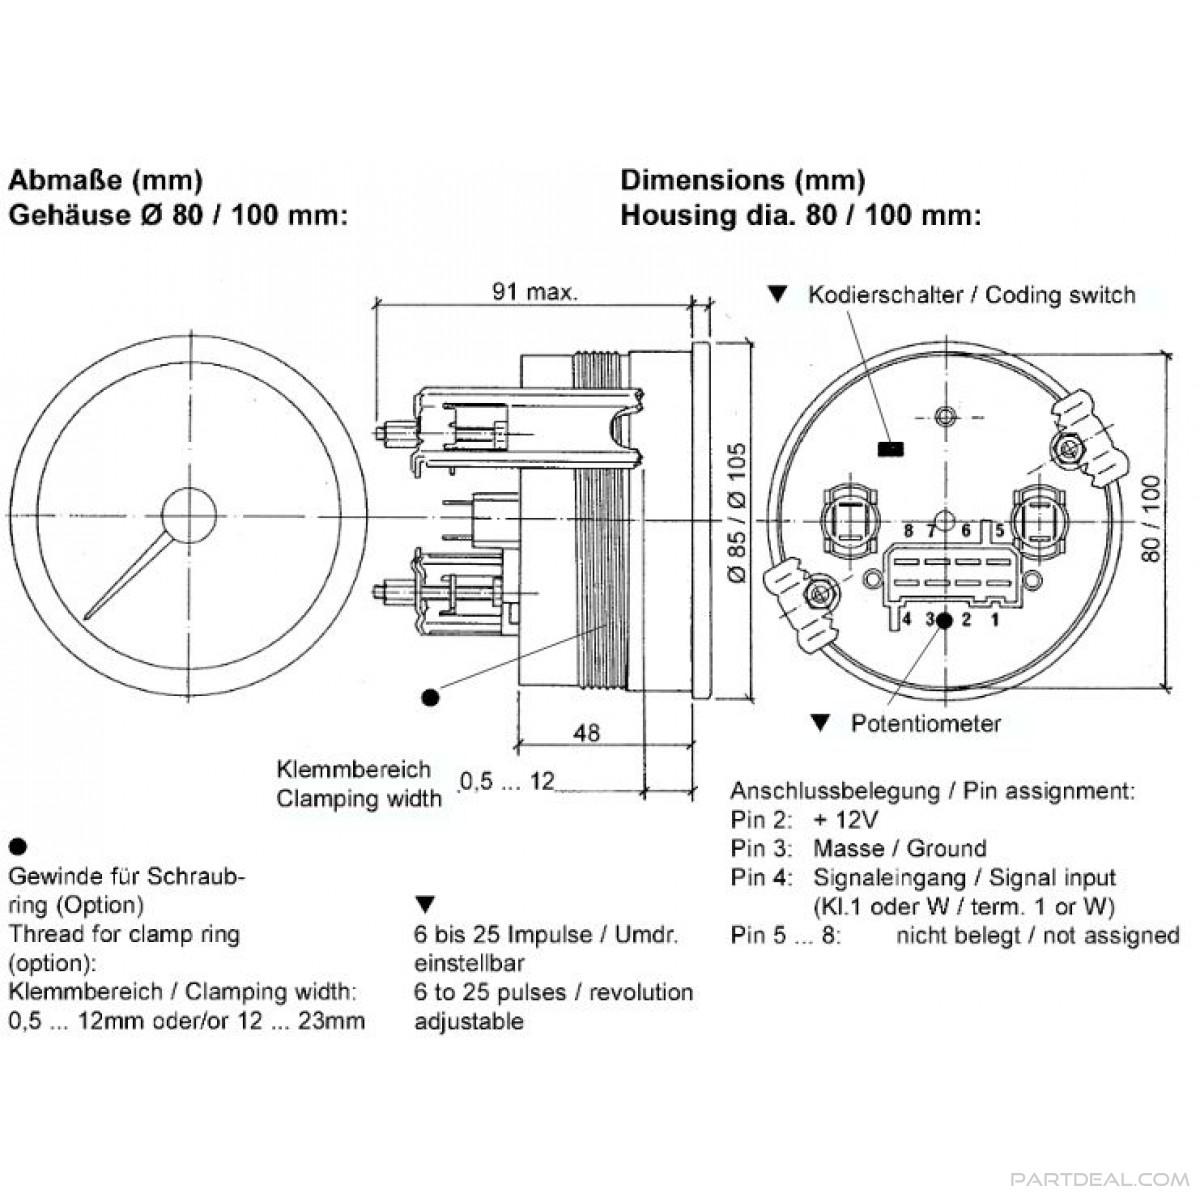 Vdo Diesel Tachometer Wiring 1959 Oldsmobile Wiring Diagram Yjm308 Losdol2 Cabik Jeanjaures37 Fr